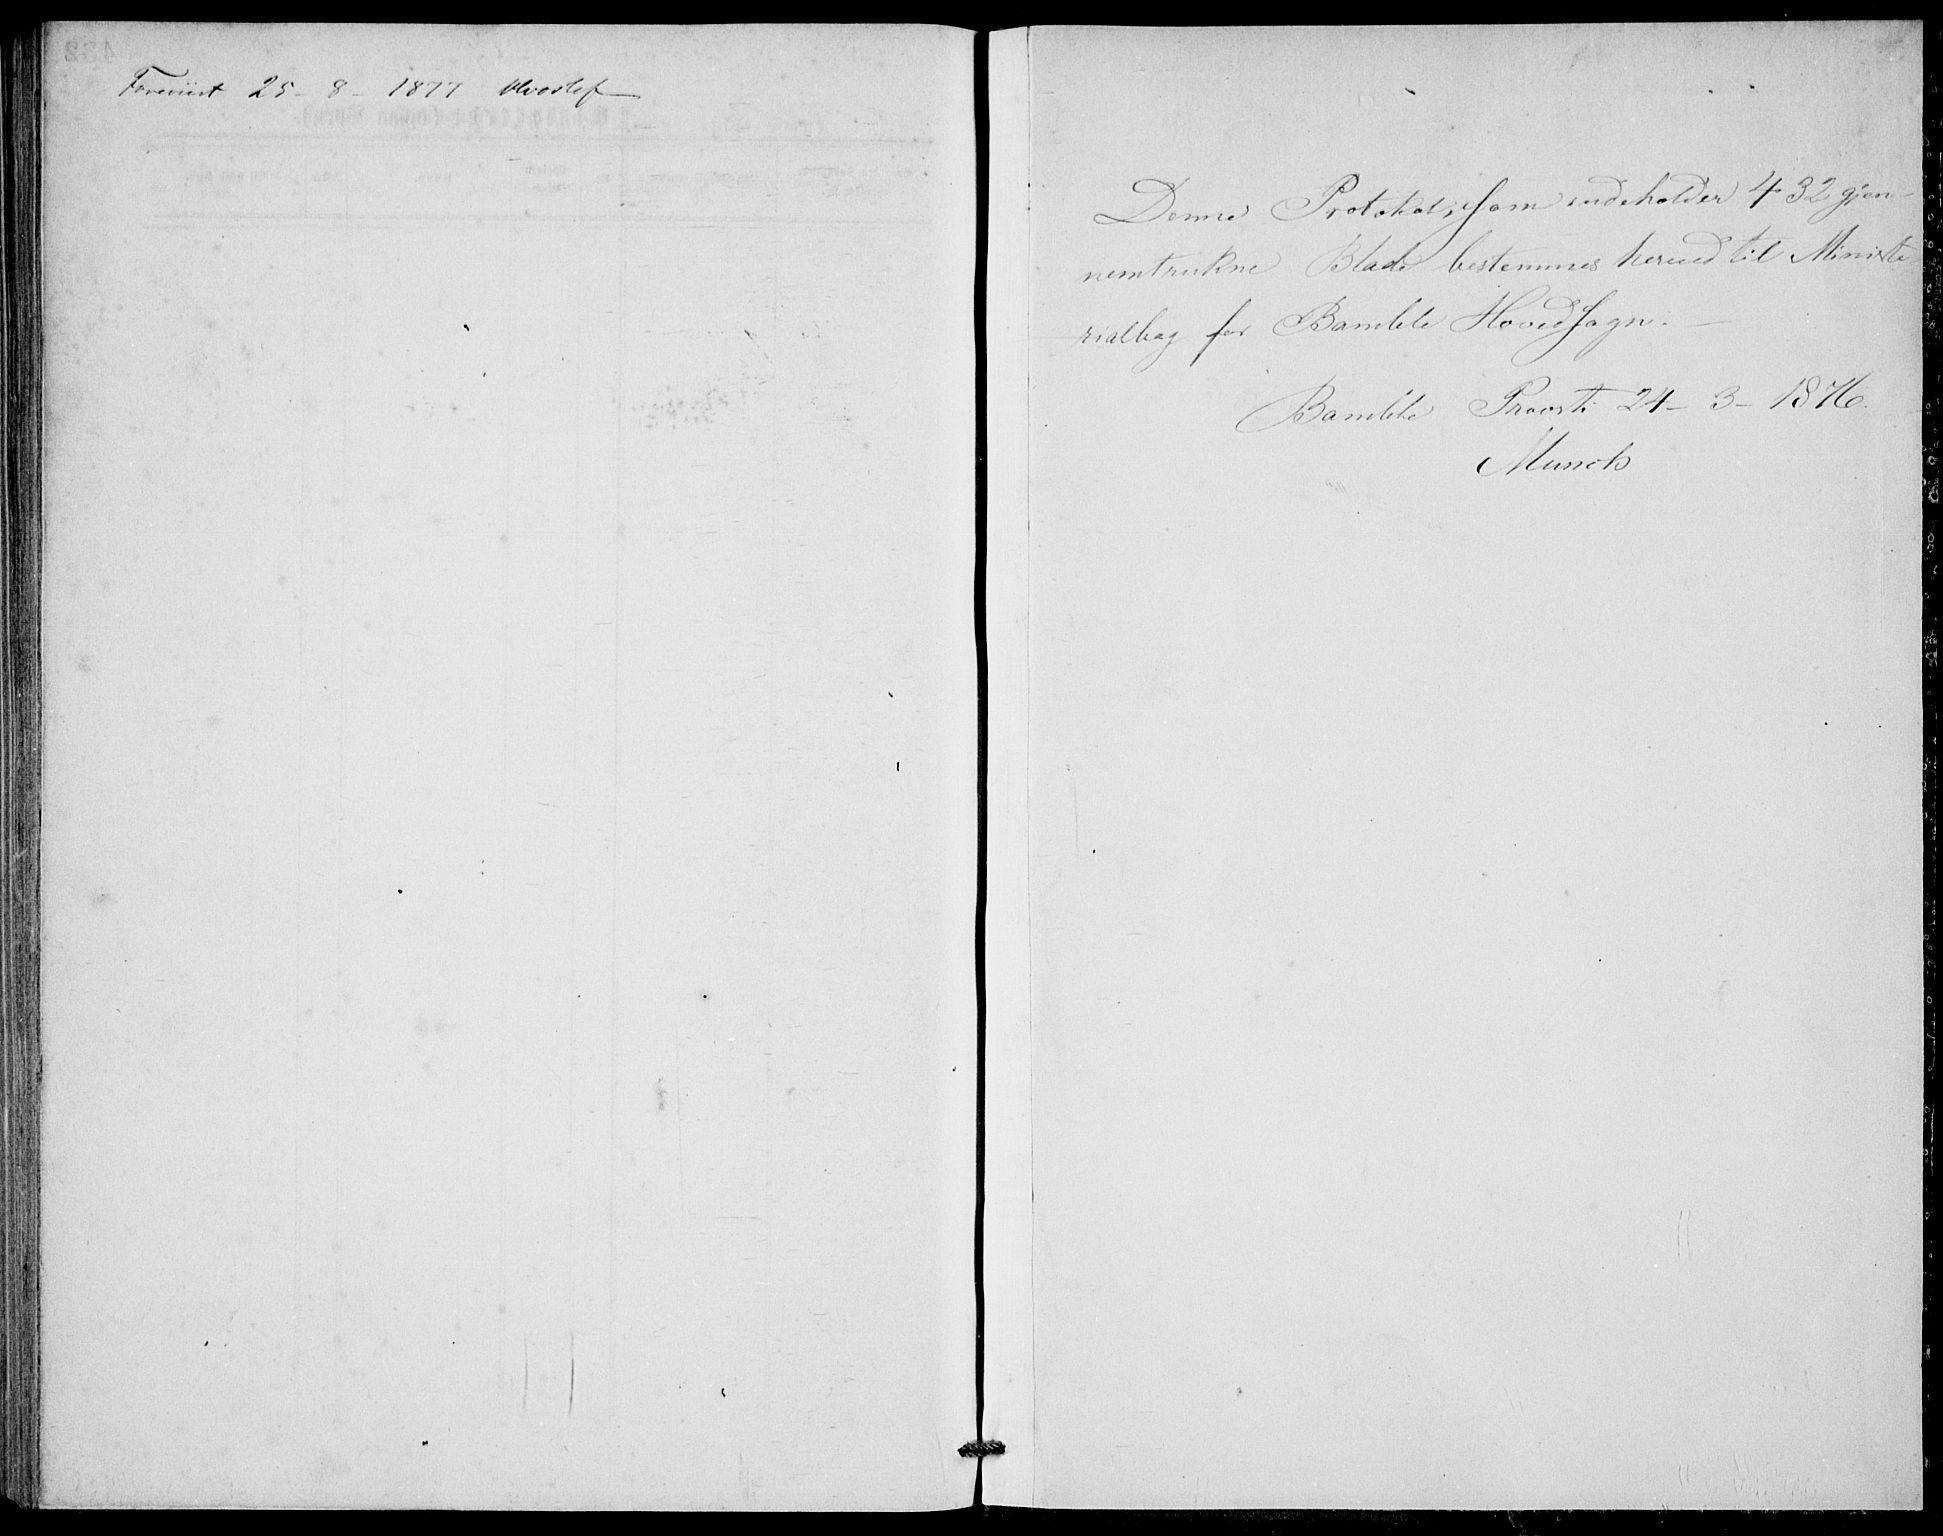 SAKO, Bamble kirkebøker, G/Ga/L0007: Klokkerbok nr. I 7, 1876-1877